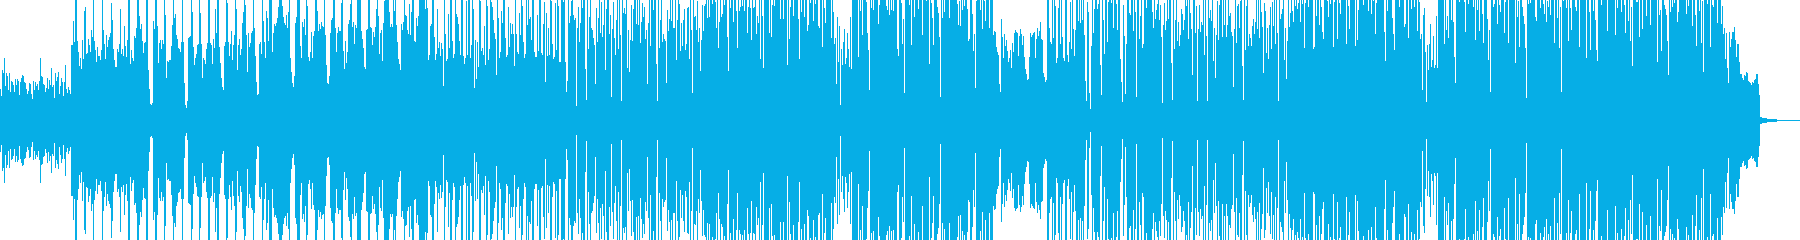 切ないクリップウォーク系ヒップホップの再生済みの波形